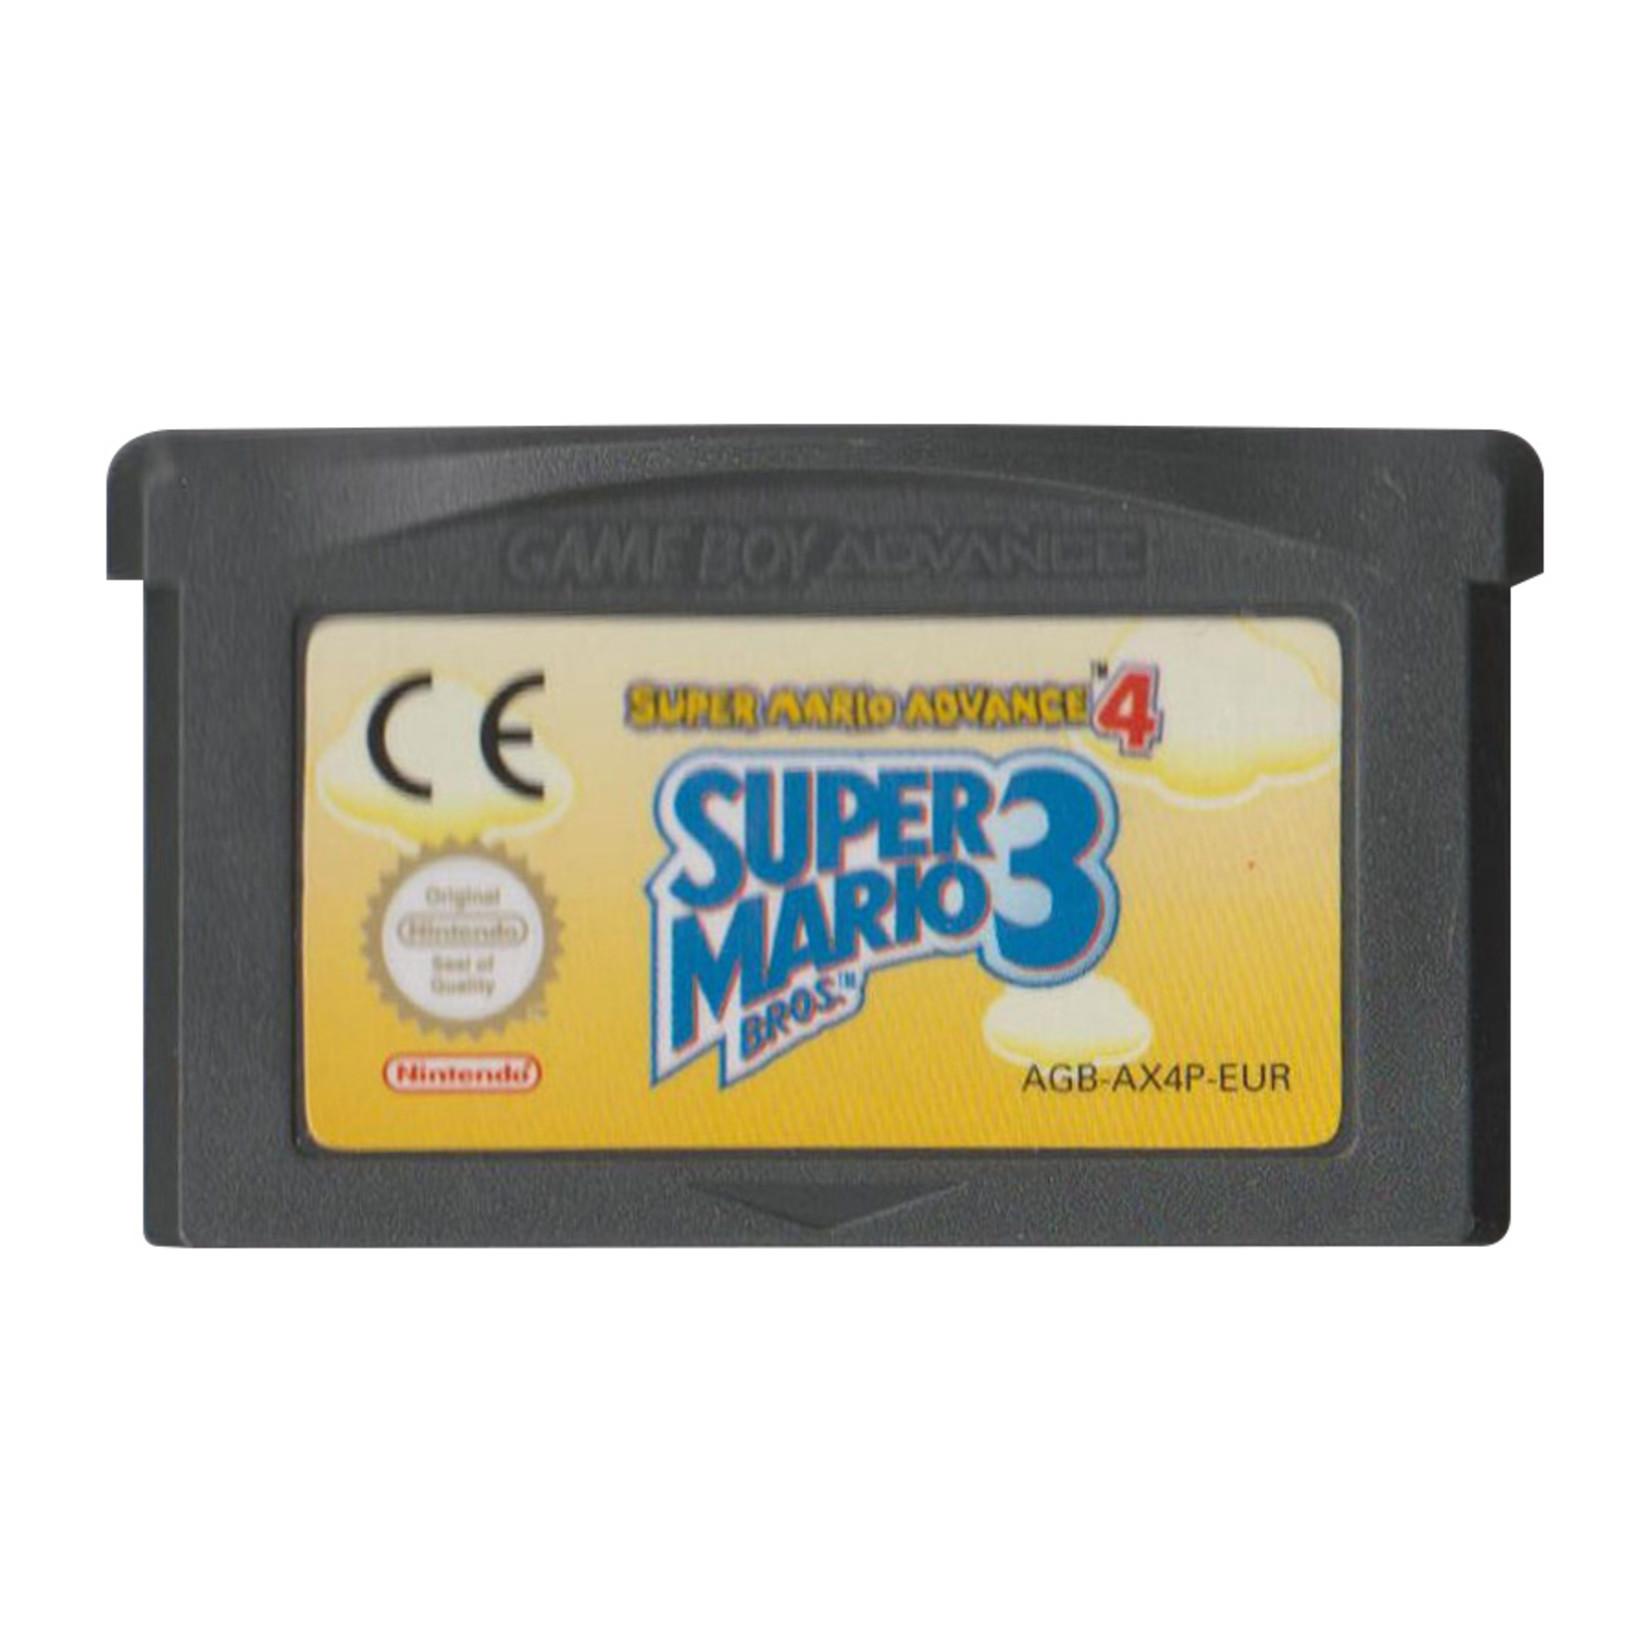 Super Mario Advance 4 Super Mario 3 (Losse Cassette)